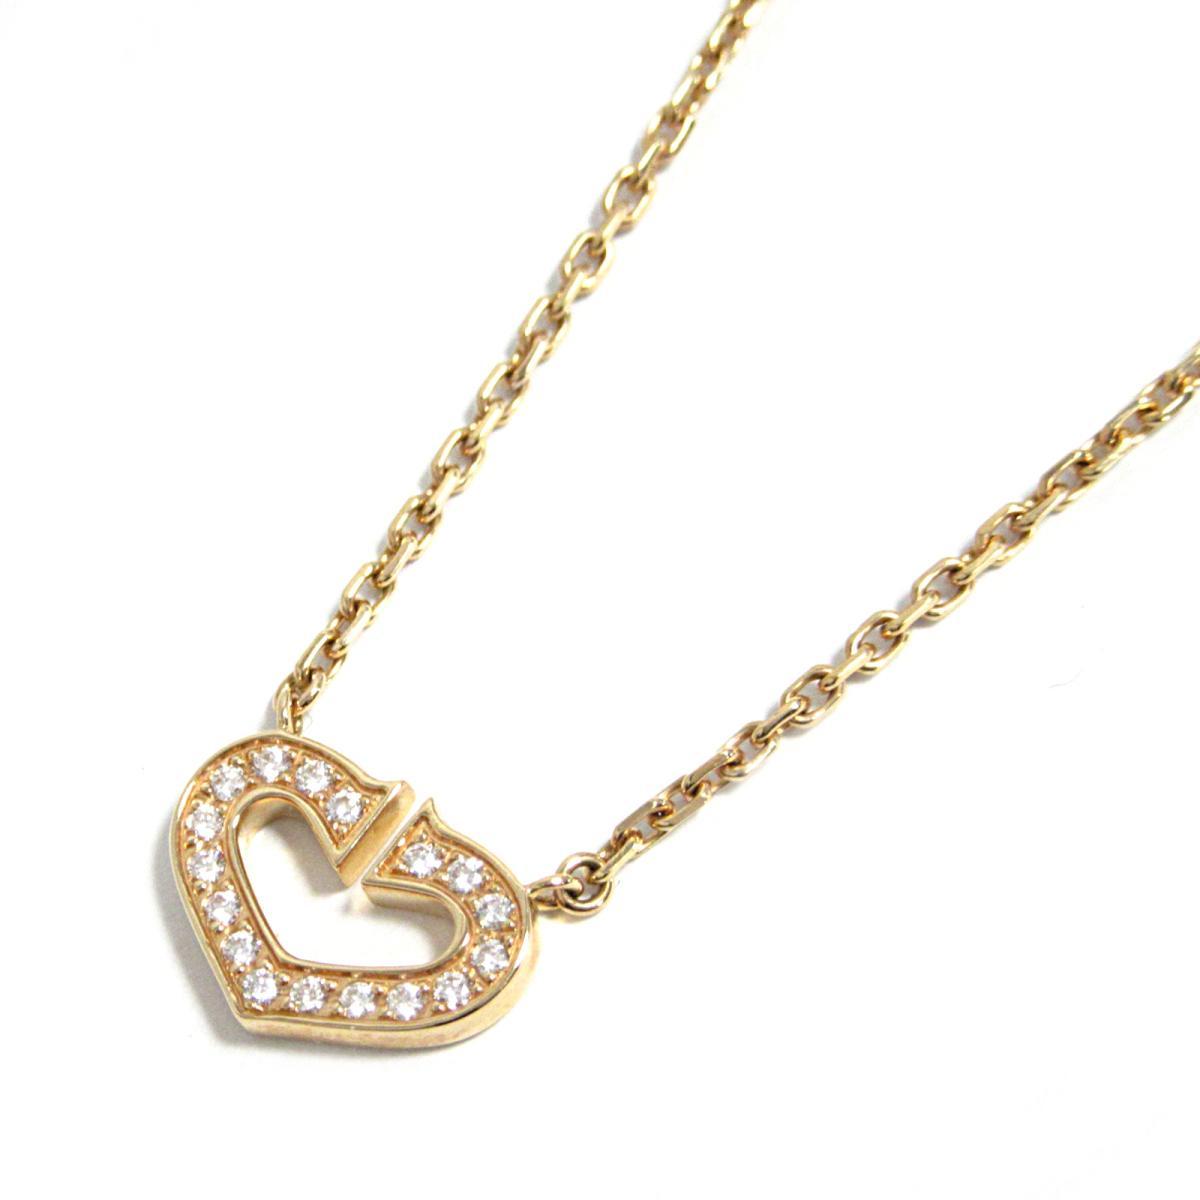 カルティエ Cハート ダイヤネックレス ブランドジュエリー レディース K18PG (750) ピンクゴールド ダイヤモンド (B7008400) 【中古】 | ブランド